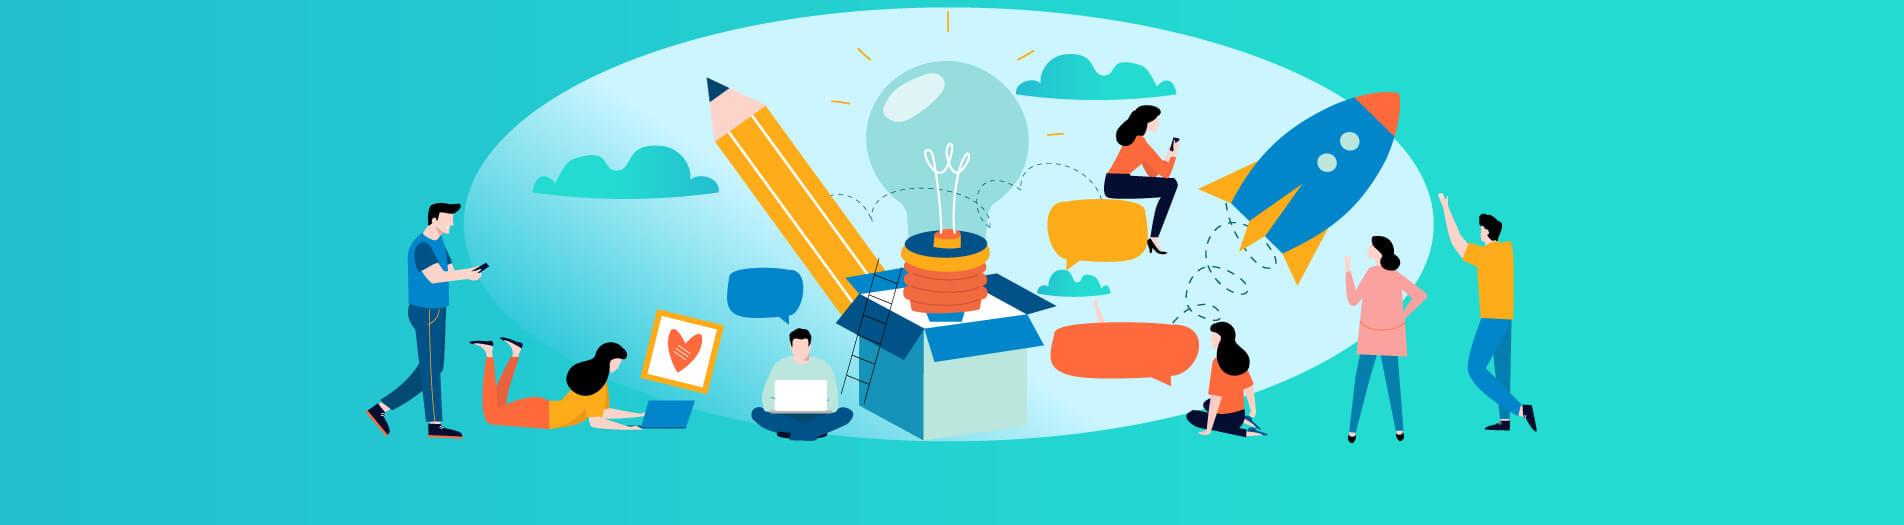 راهکارهایی برای پرورش سریع تفکر نقاد در دانشآموزان